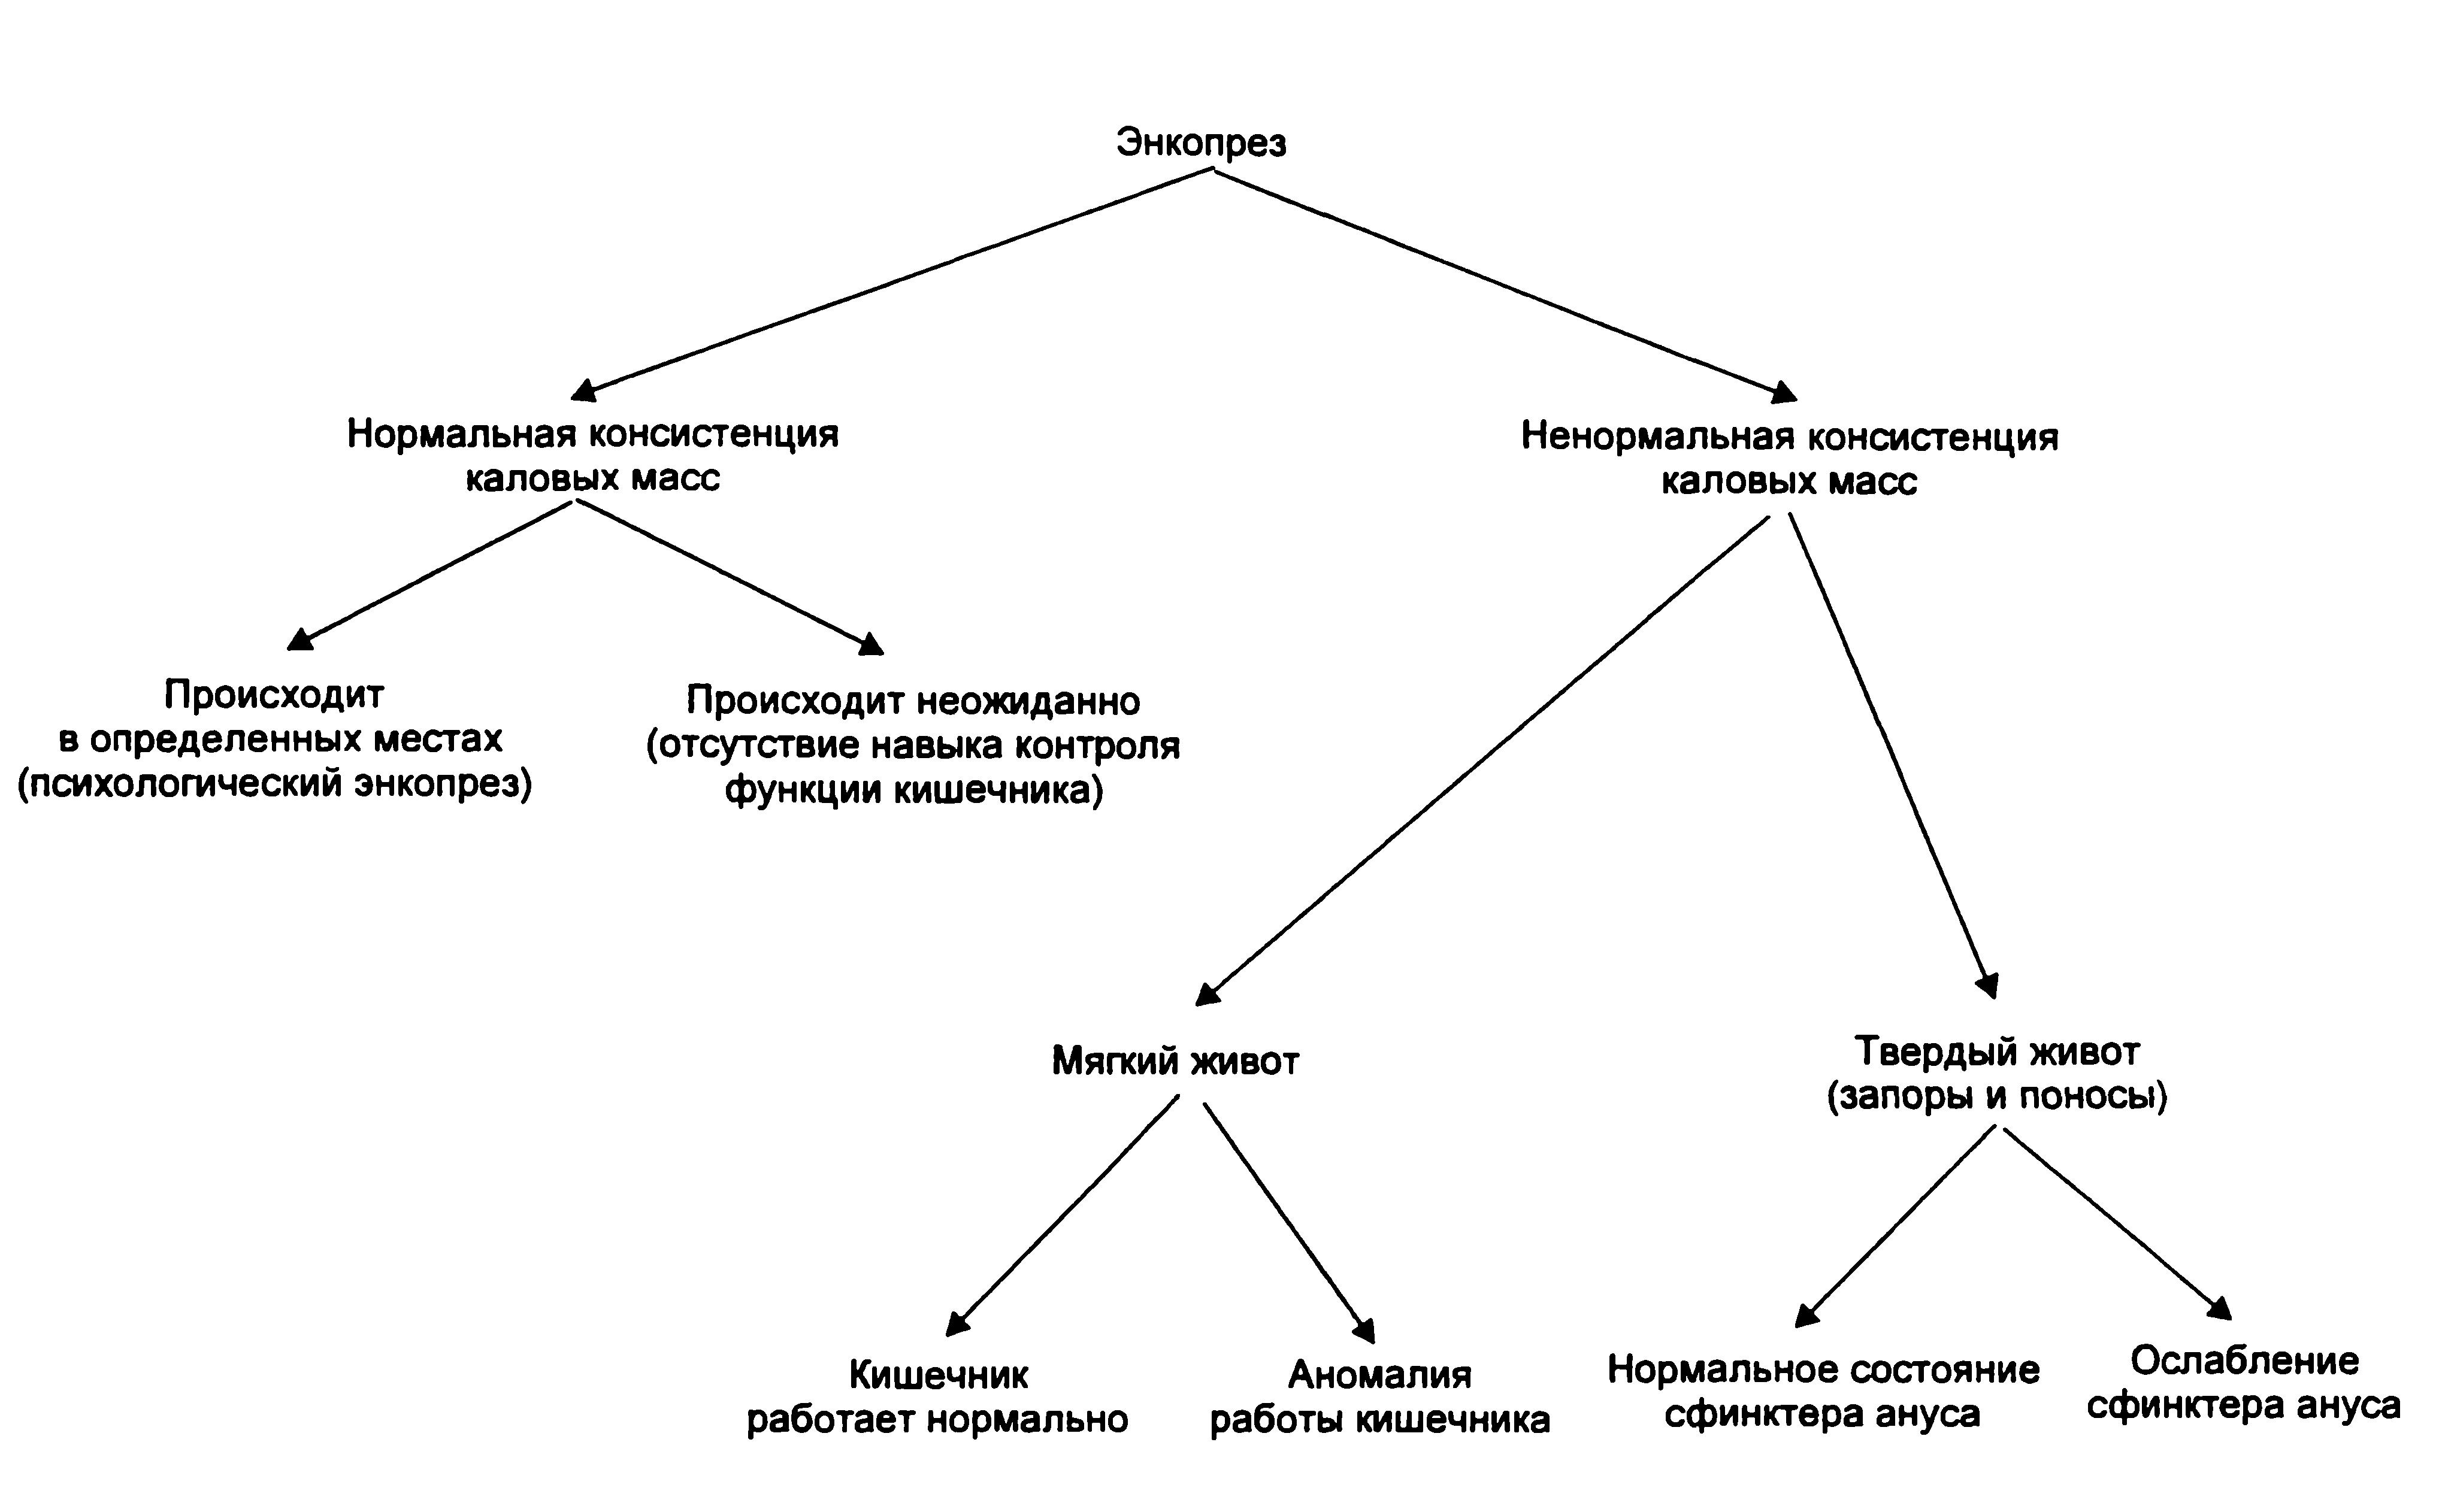 Диагностика энкопреза